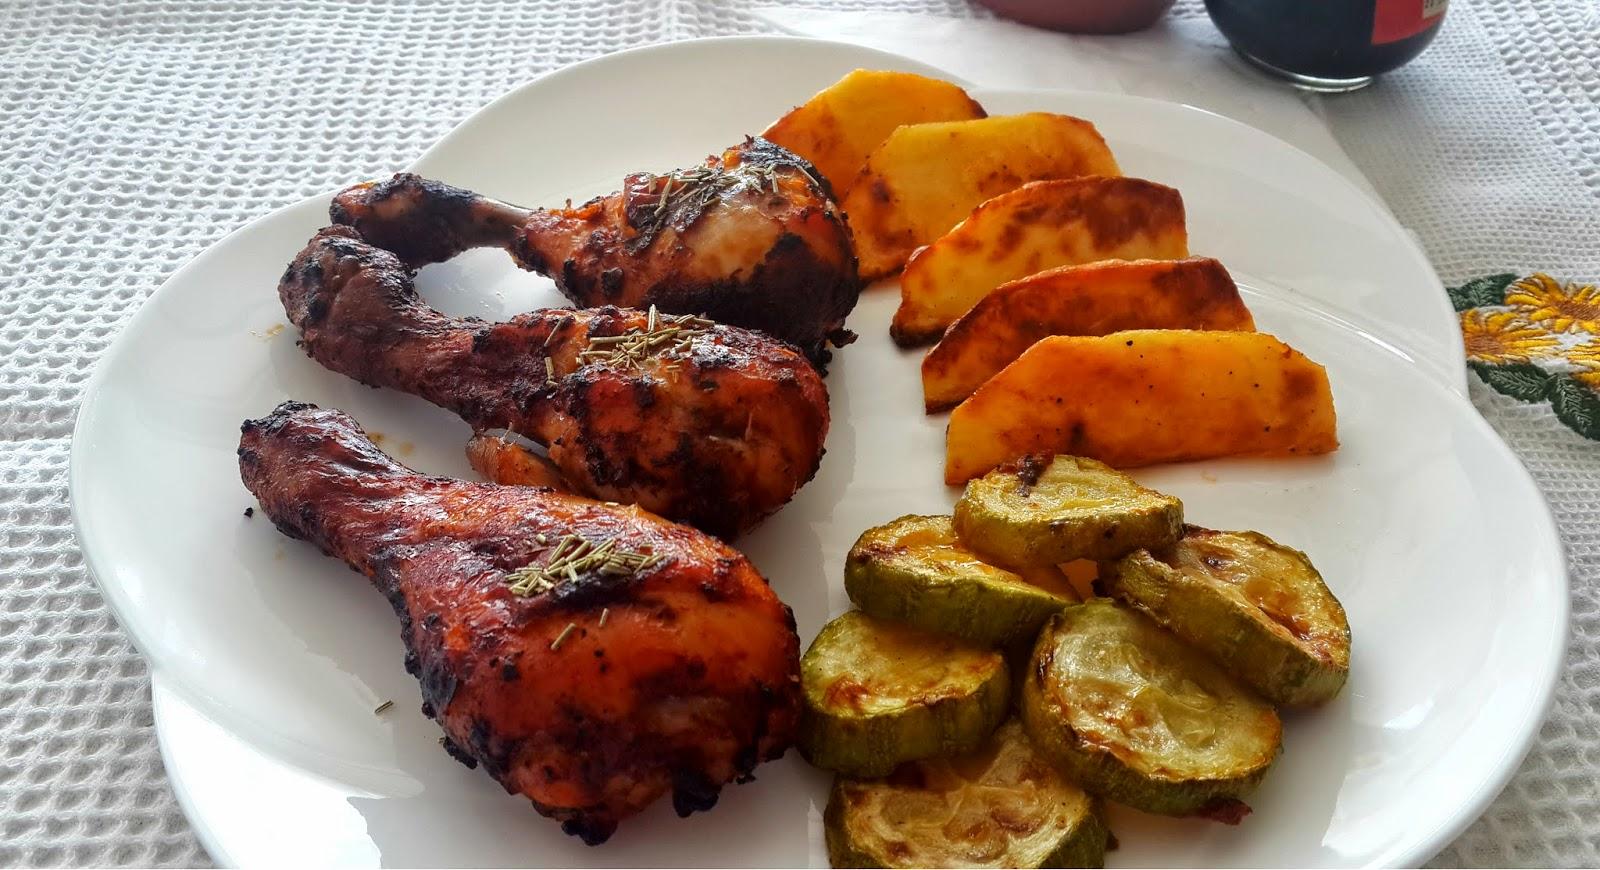 Baharatlı, tavuk, butları, tarifi, yemek, et, lezzetli, fırın, lezzetli, kisnisotu, kişniş otu